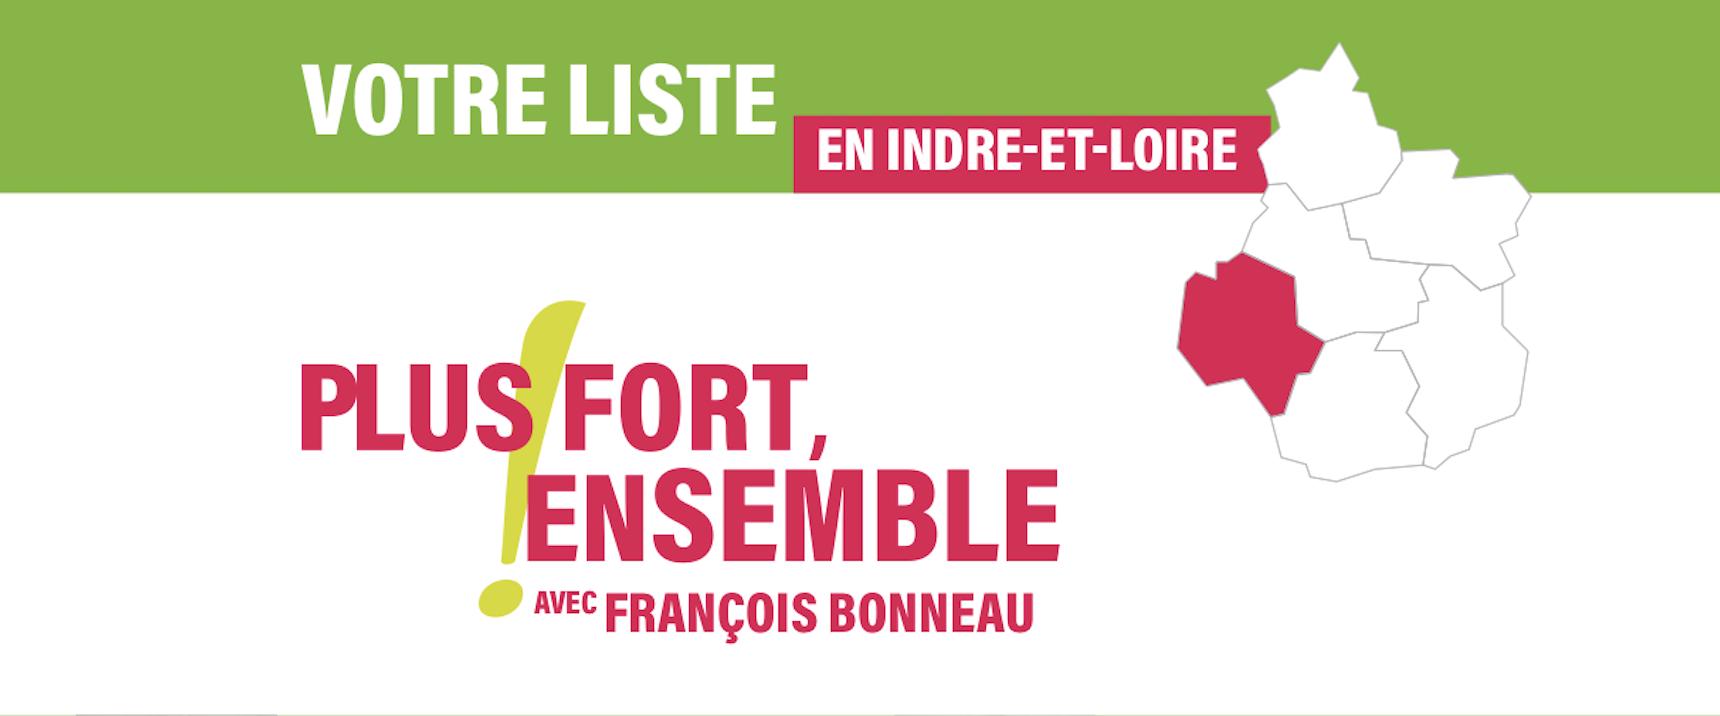 La section d'Indre-et-Loire de la liste régionale